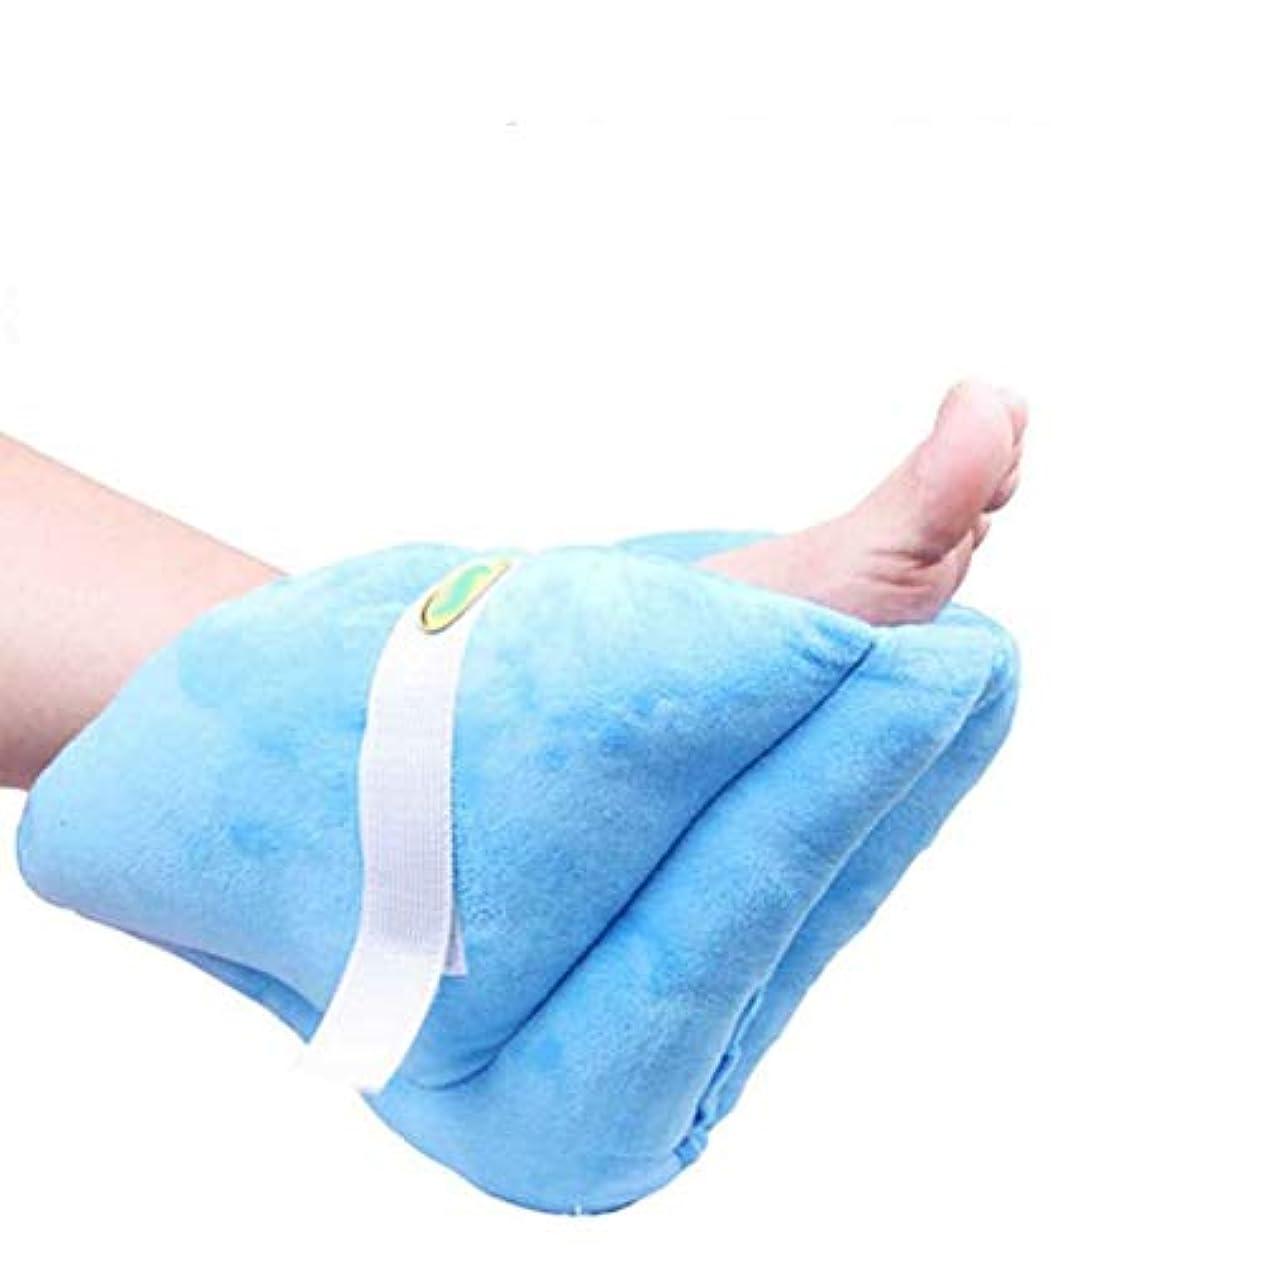 ギャンブル意気消沈した完全にヒールクッションプロテクター - 足と足首の枕 - ヒール保護ガード - 足、肘、かかと - ベッド&褥瘡を保護します,2pcs